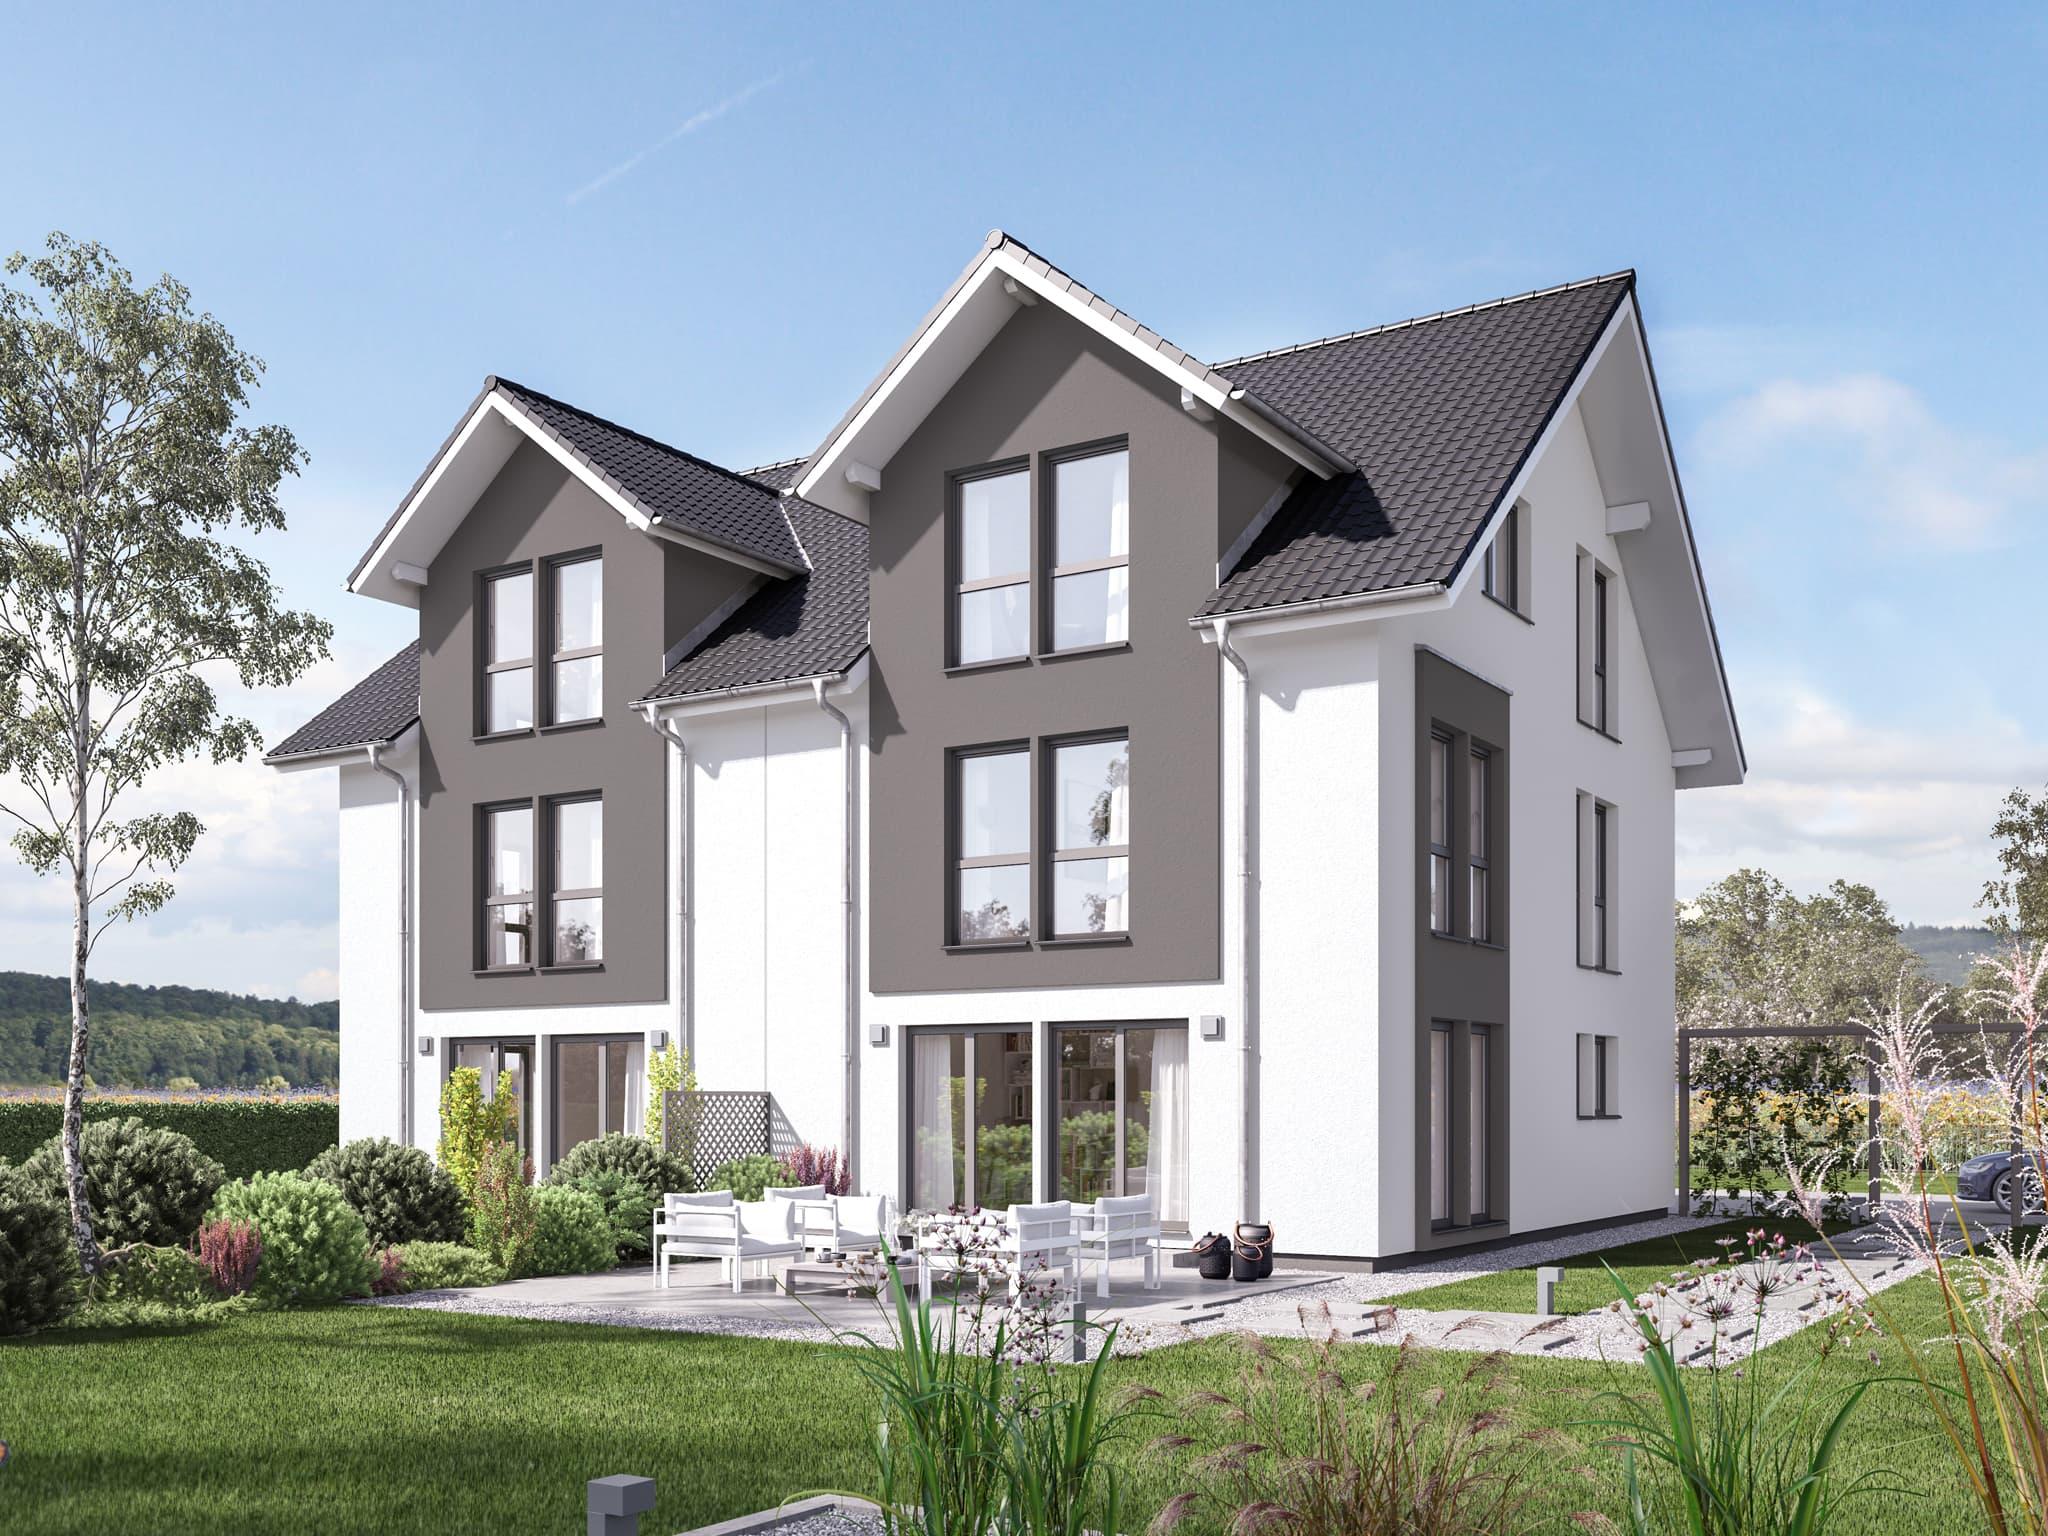 Doppelhaus groß mit Satteldach Architektur, 6 Zimmer Grundriss, 195 qm - Fertighaus Bien Zenker CELEBRATION 139 V3 - HausbauDirekt.de